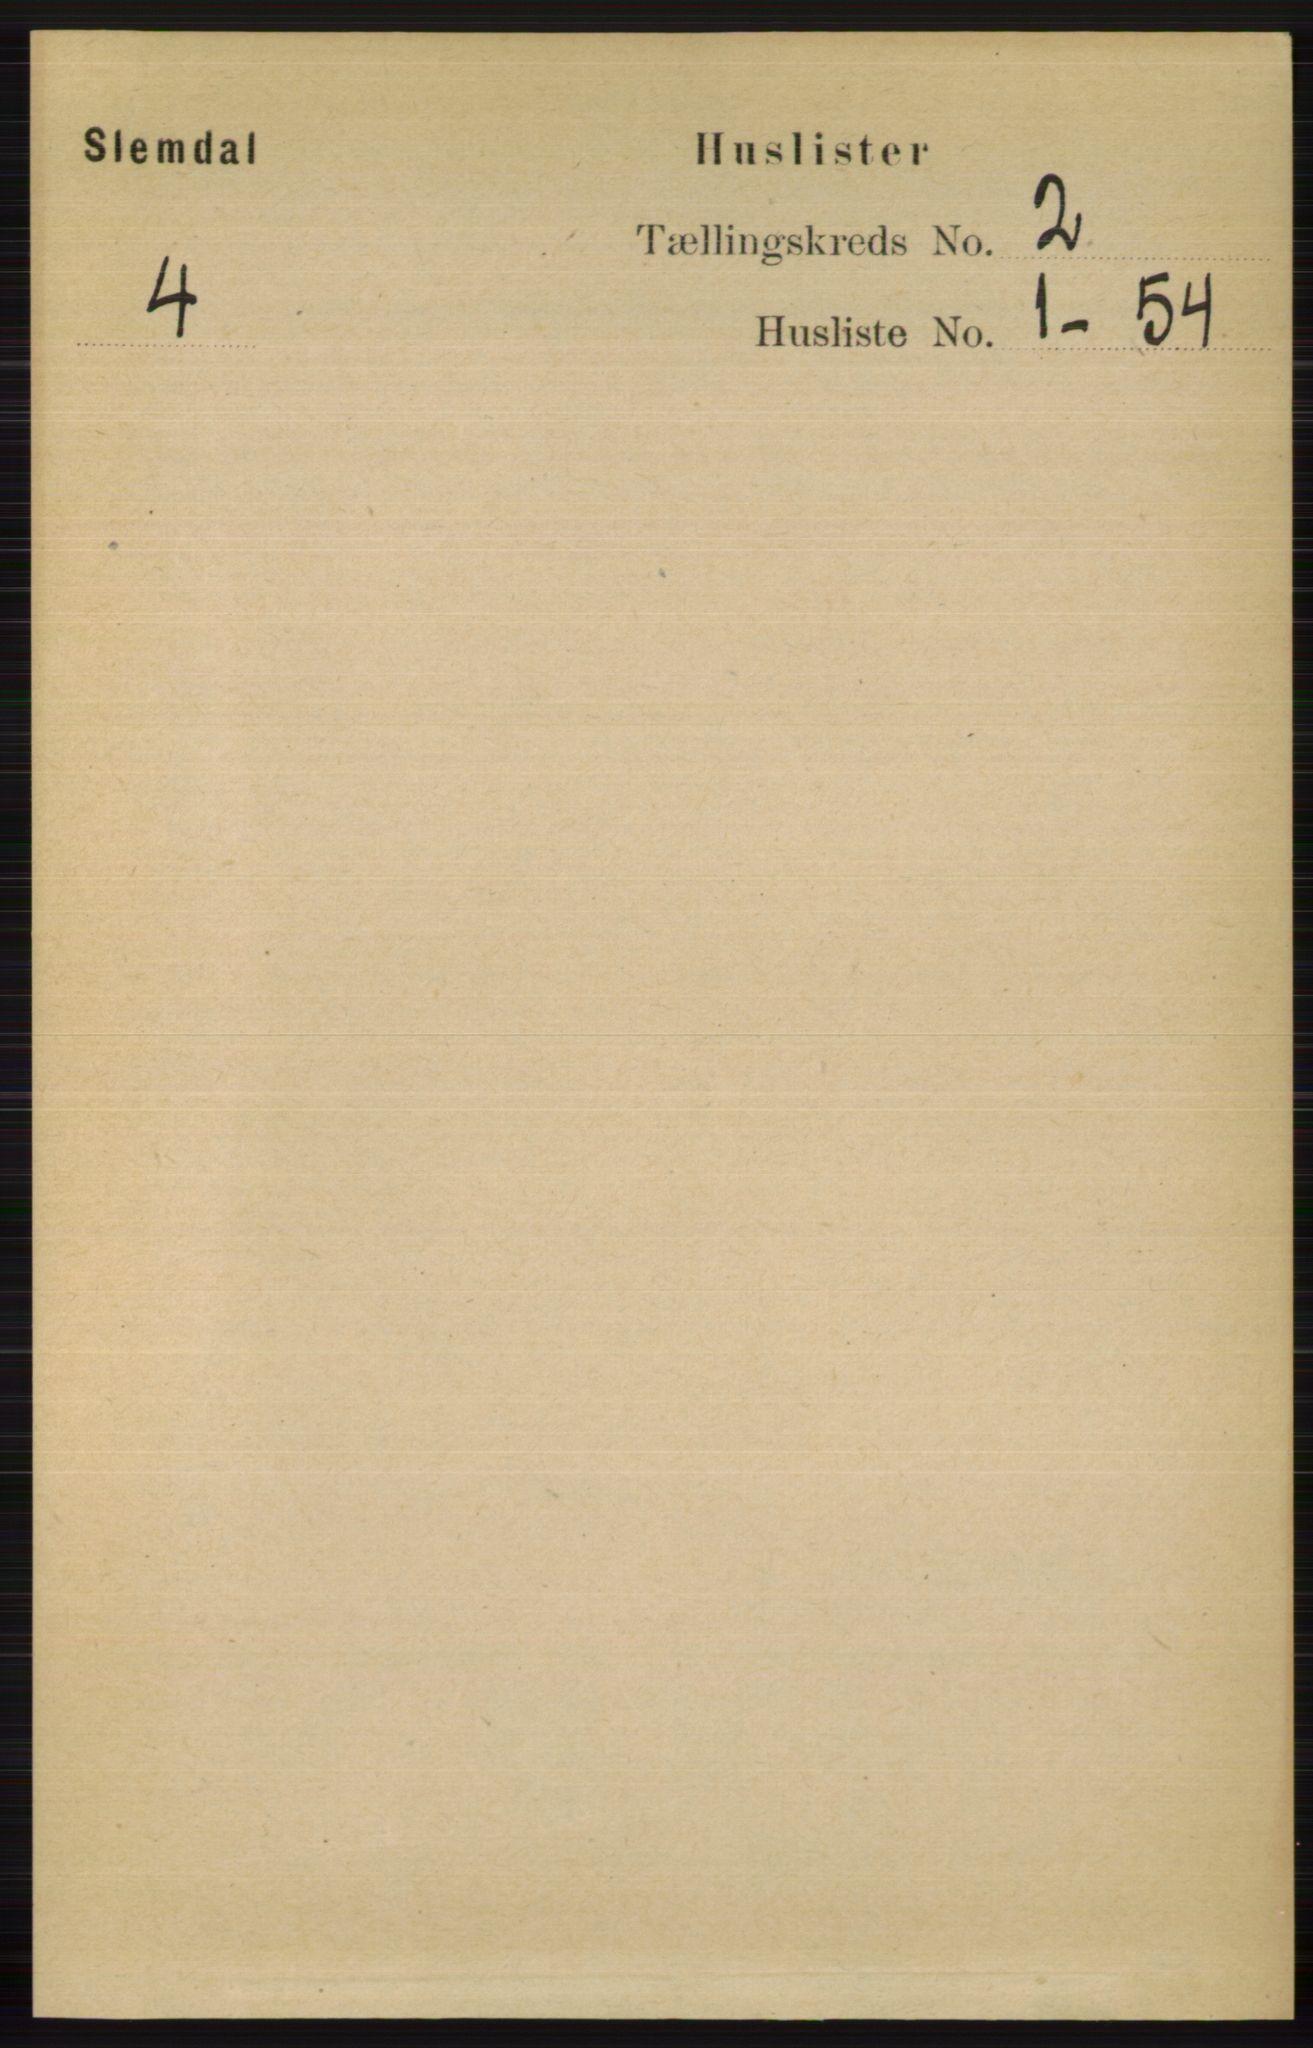 RA, Folketelling 1891 for 0811 Slemdal herred, 1891, s. 309